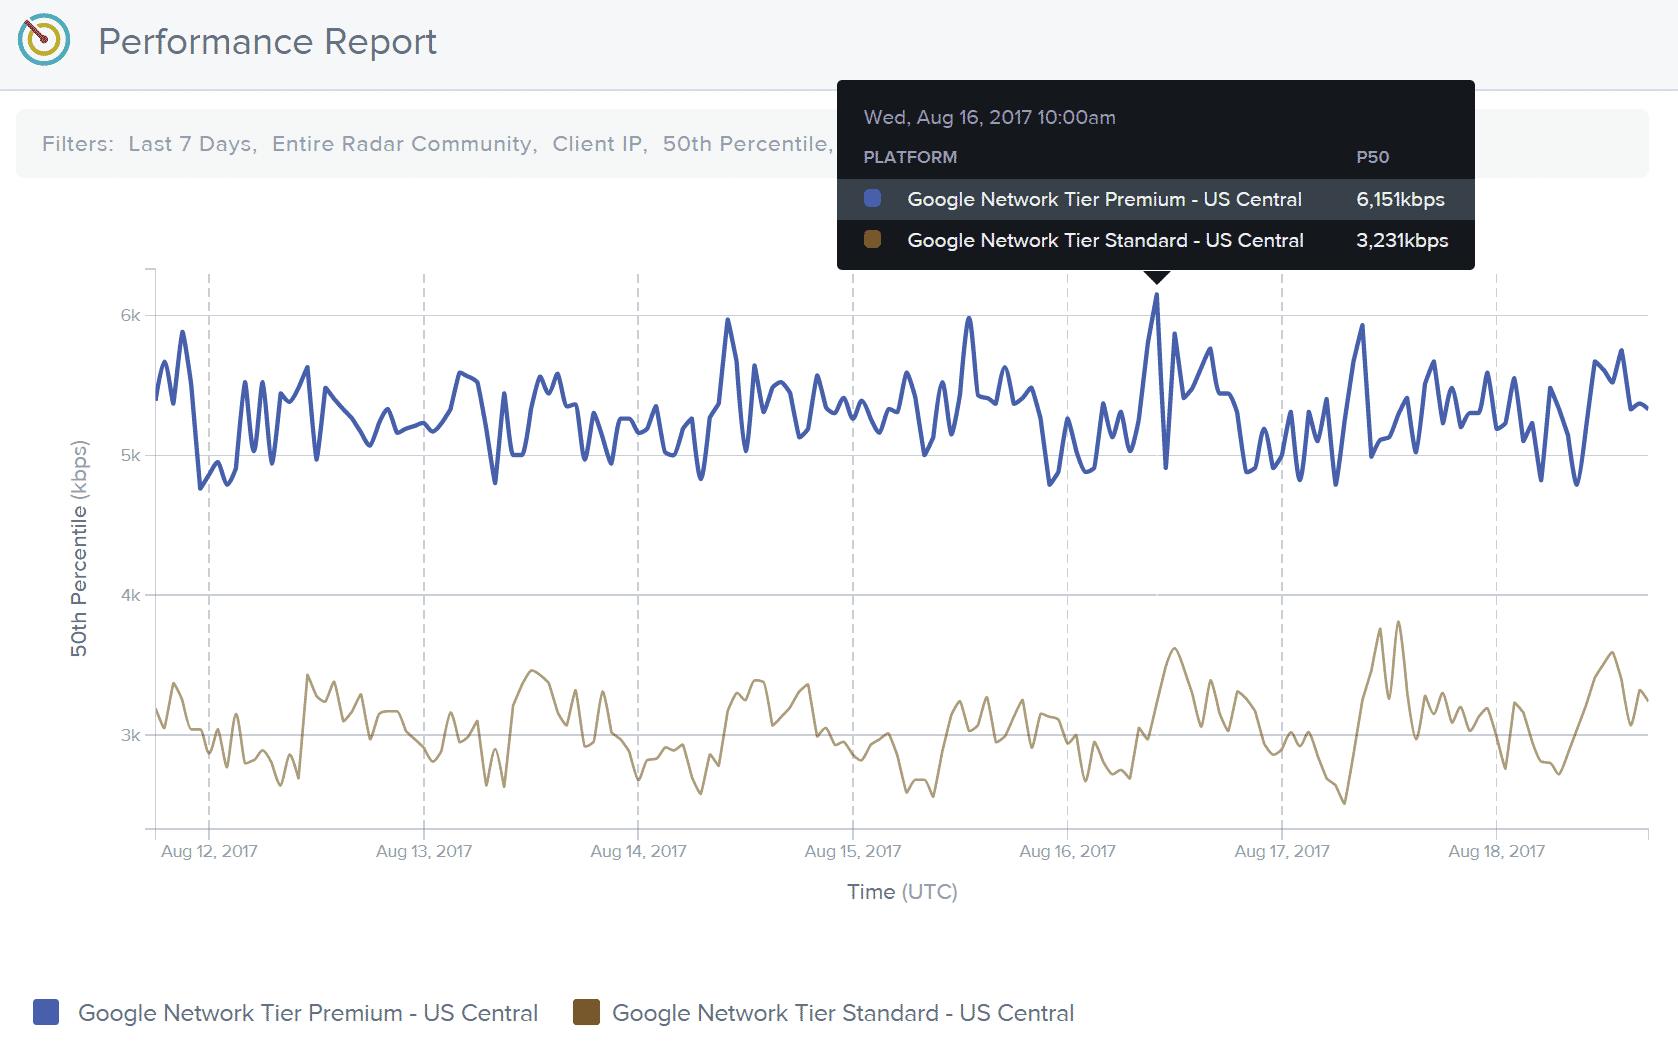 Taxa de transferência da camada premium vs camada padrão do Google Cloud